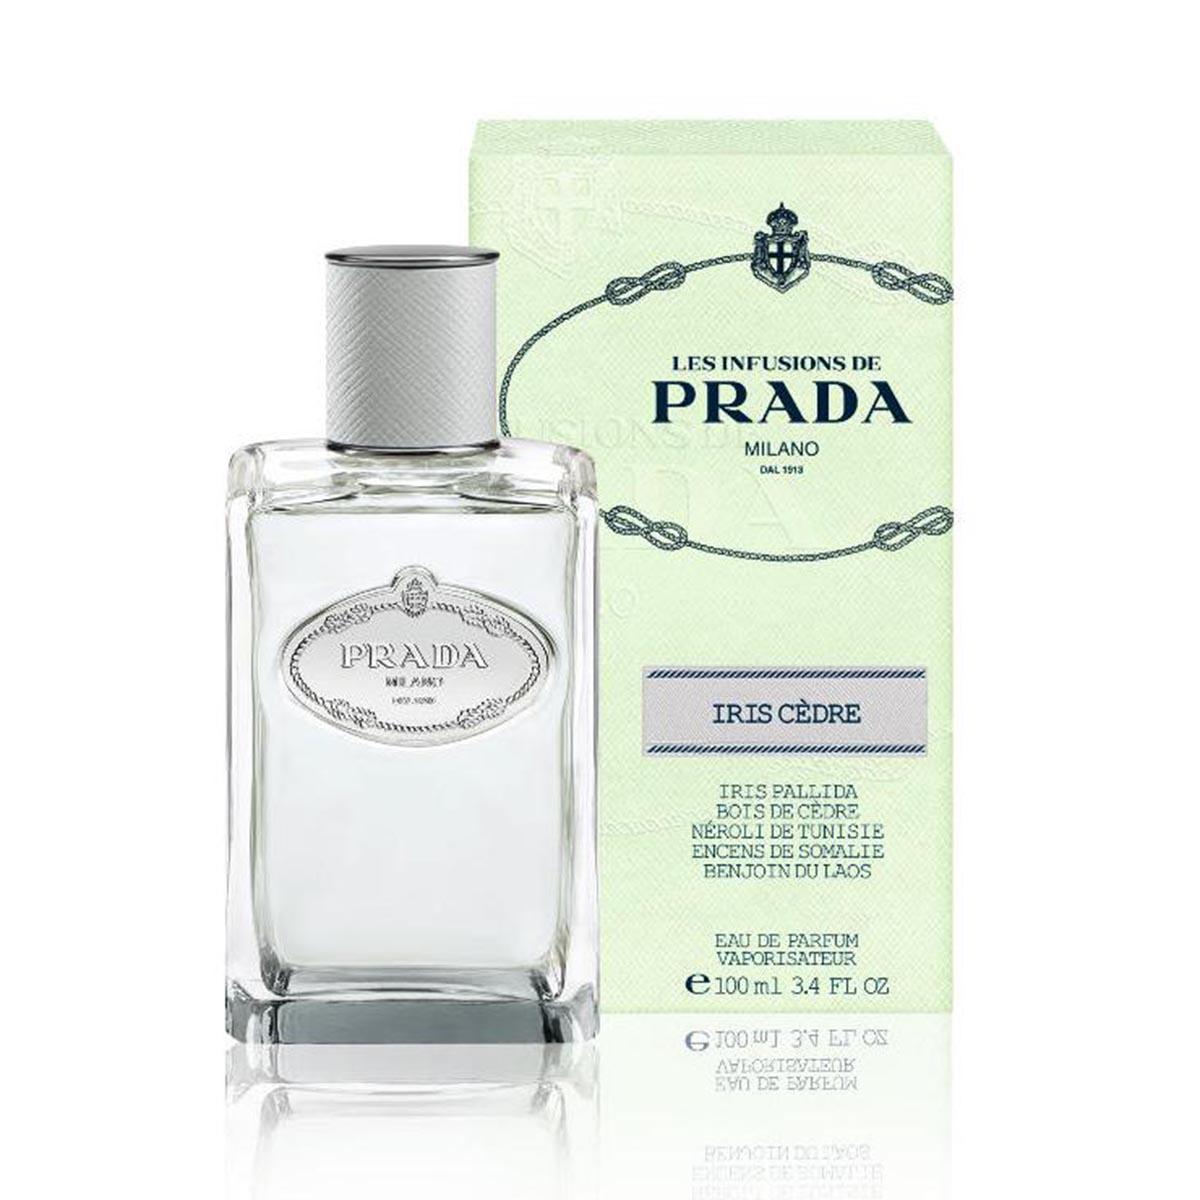 Prada les infusions de prada iris cedre eau de parfum 100ml vaporizador